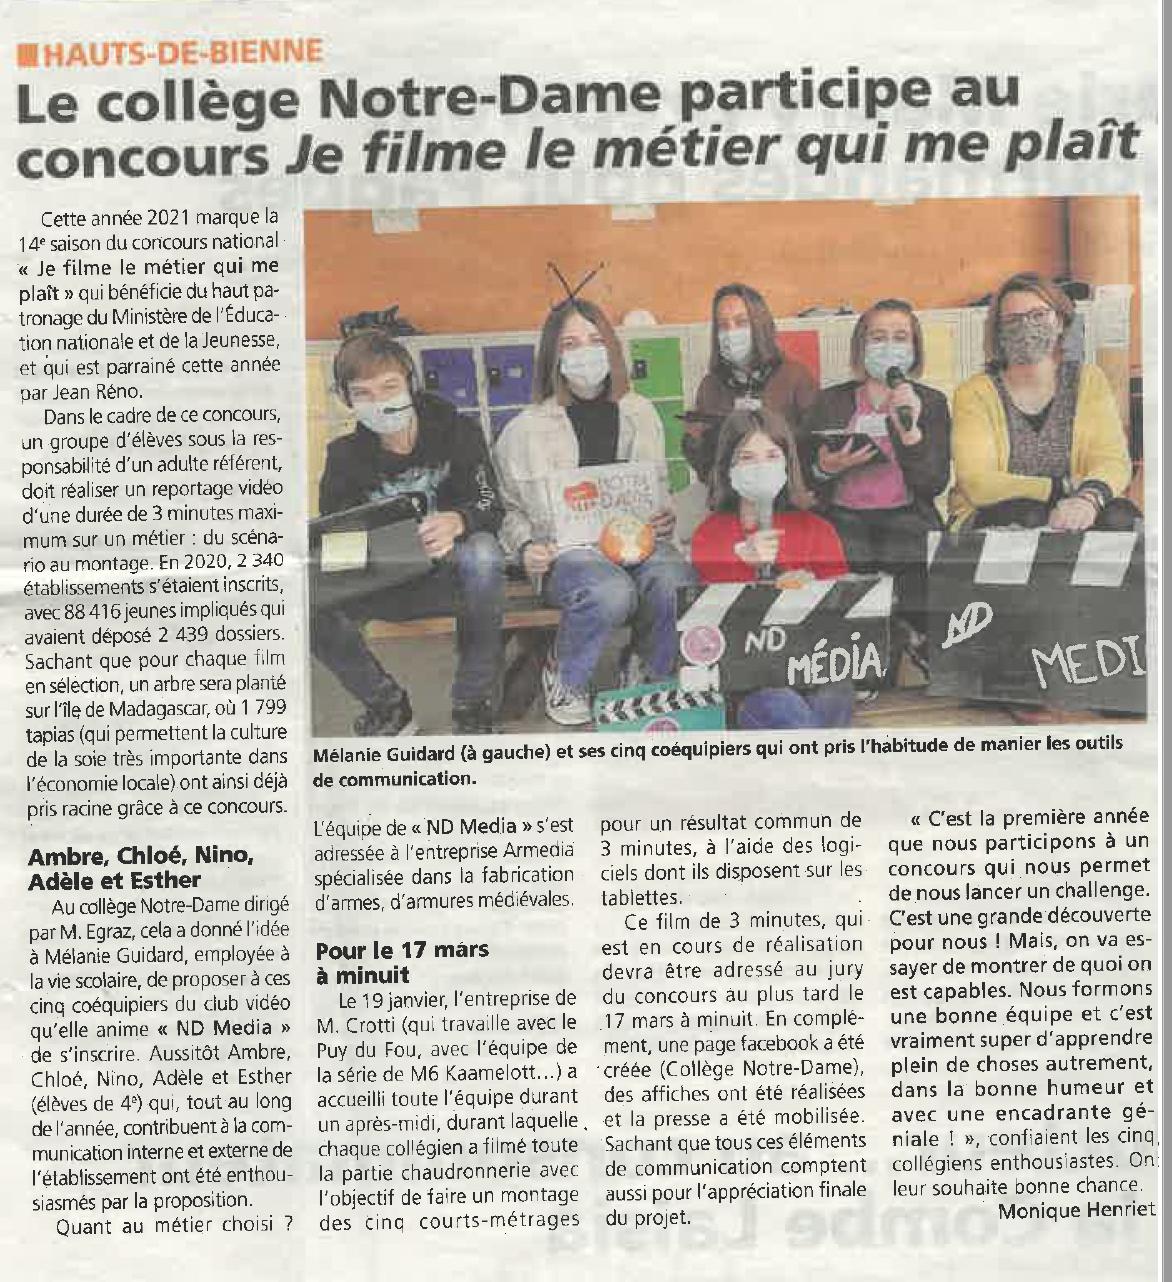 Voix du Jura- 10/03/2021